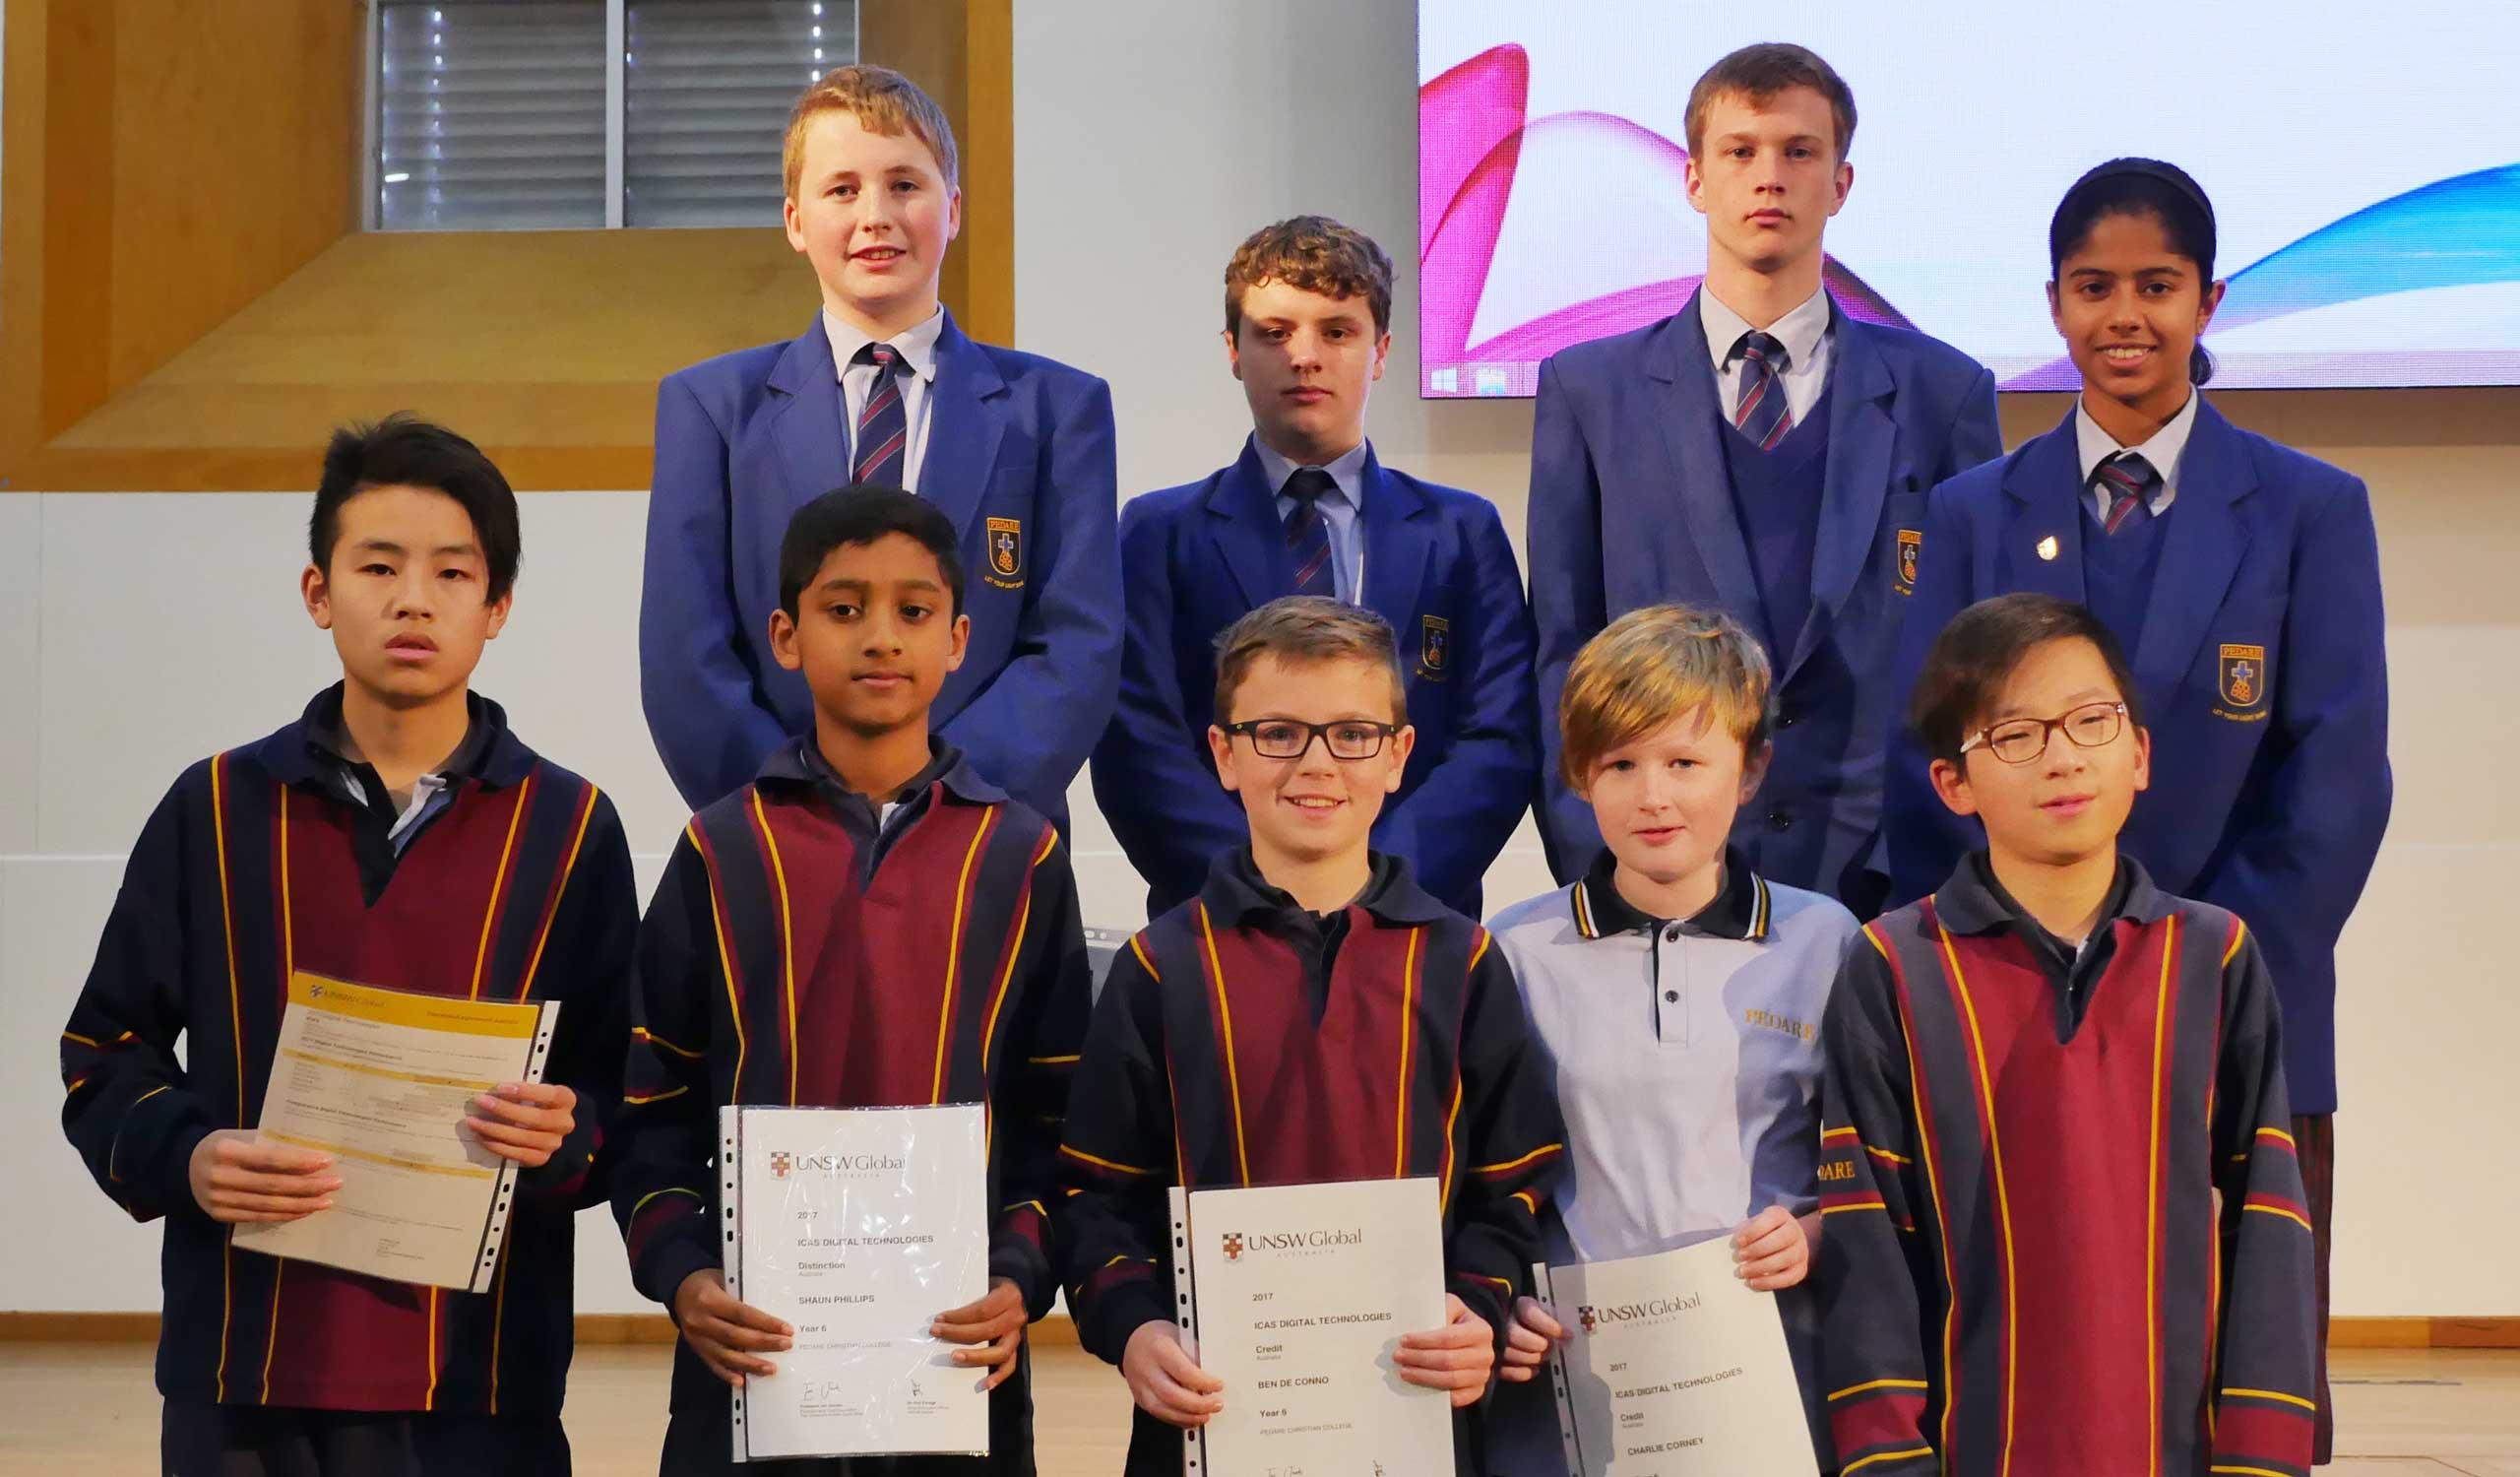 ICAS winners